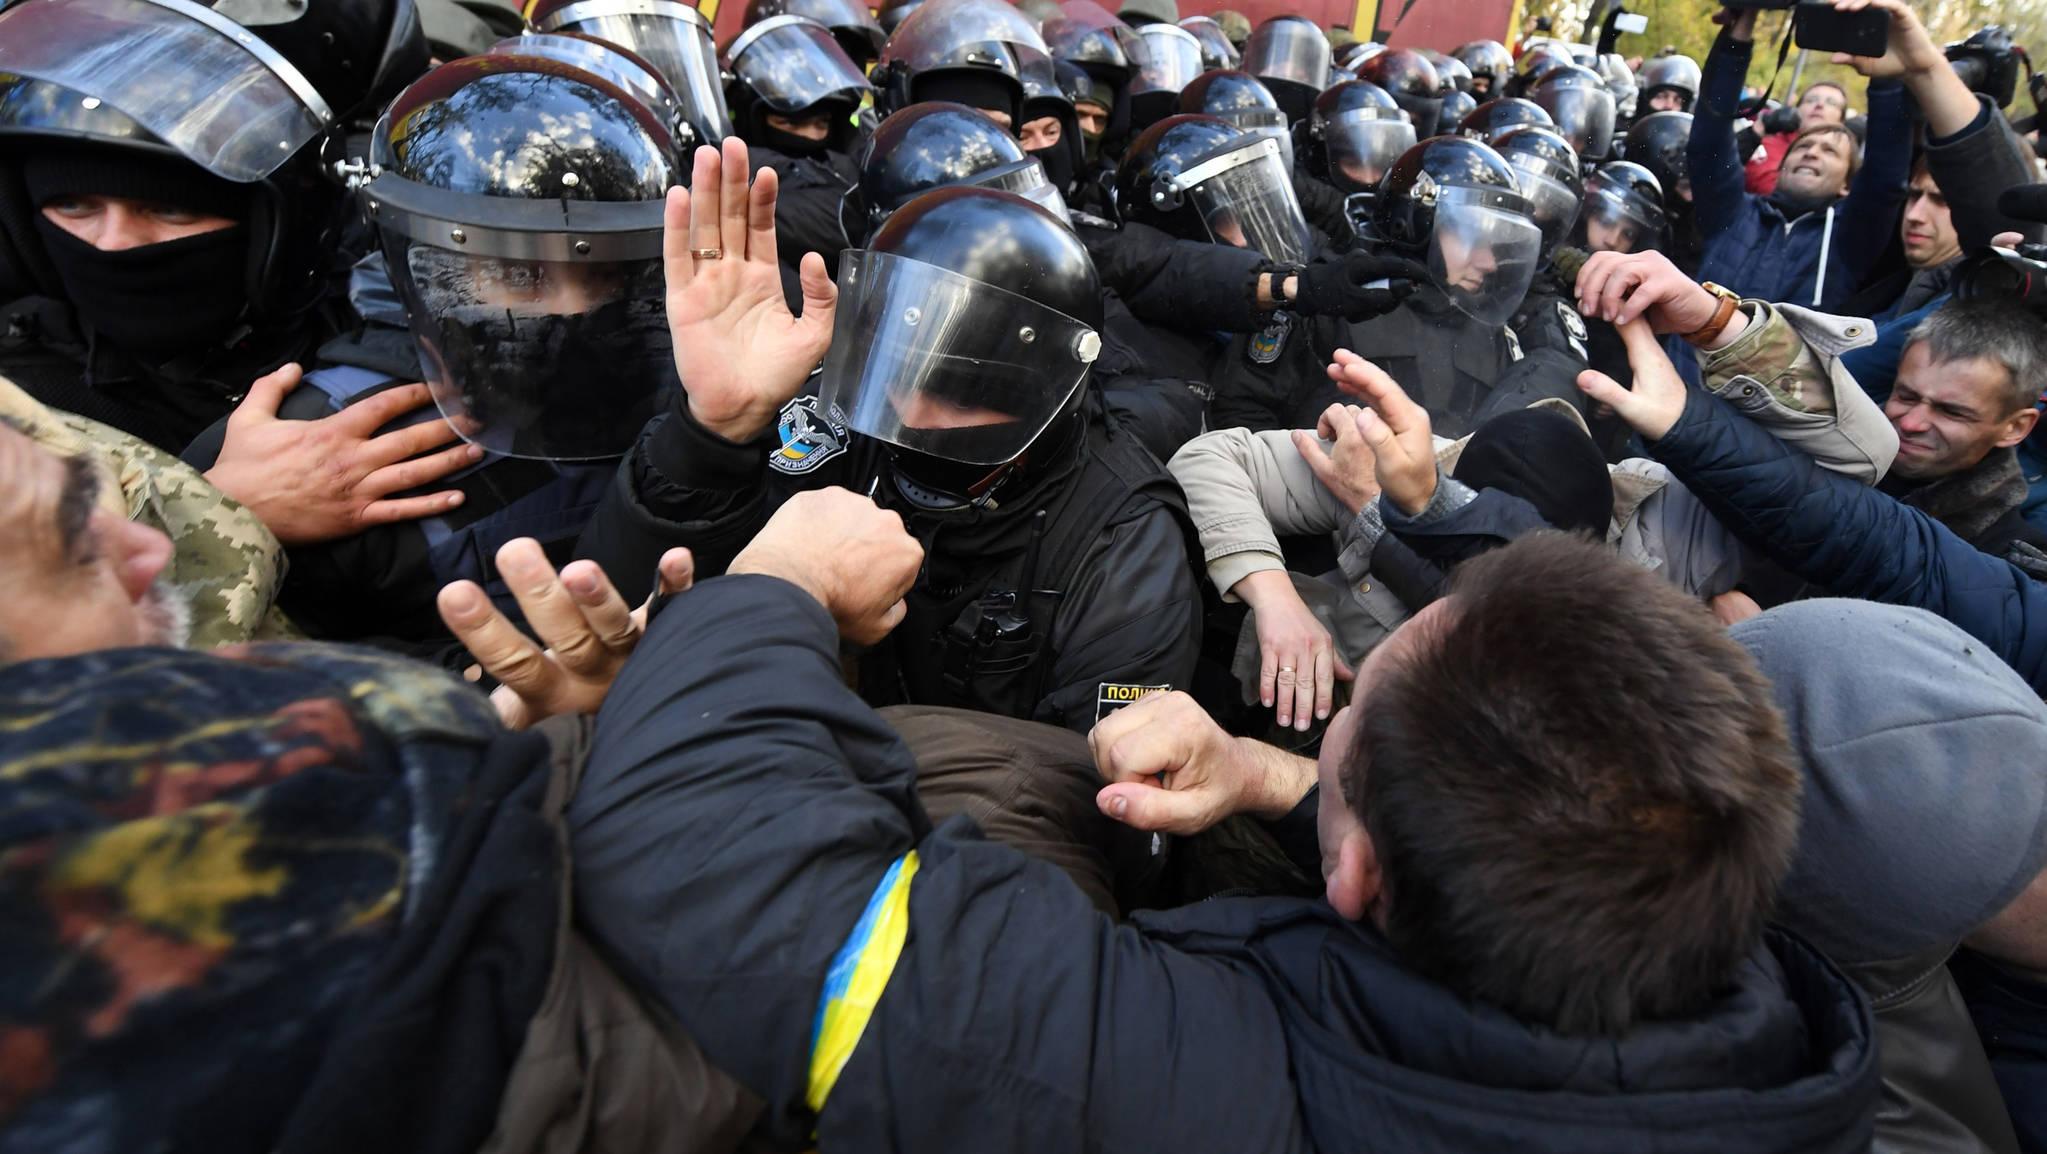 지난 22일(현지시간) 우크라이나 키예프 국회의사당 앞에서 열린 페트로 포로셴코 우크라이나 대통령 반대 집회에서 시위대와 경찰이 몸싸움을 벌이고 있다.[AFP=연합뉴스]